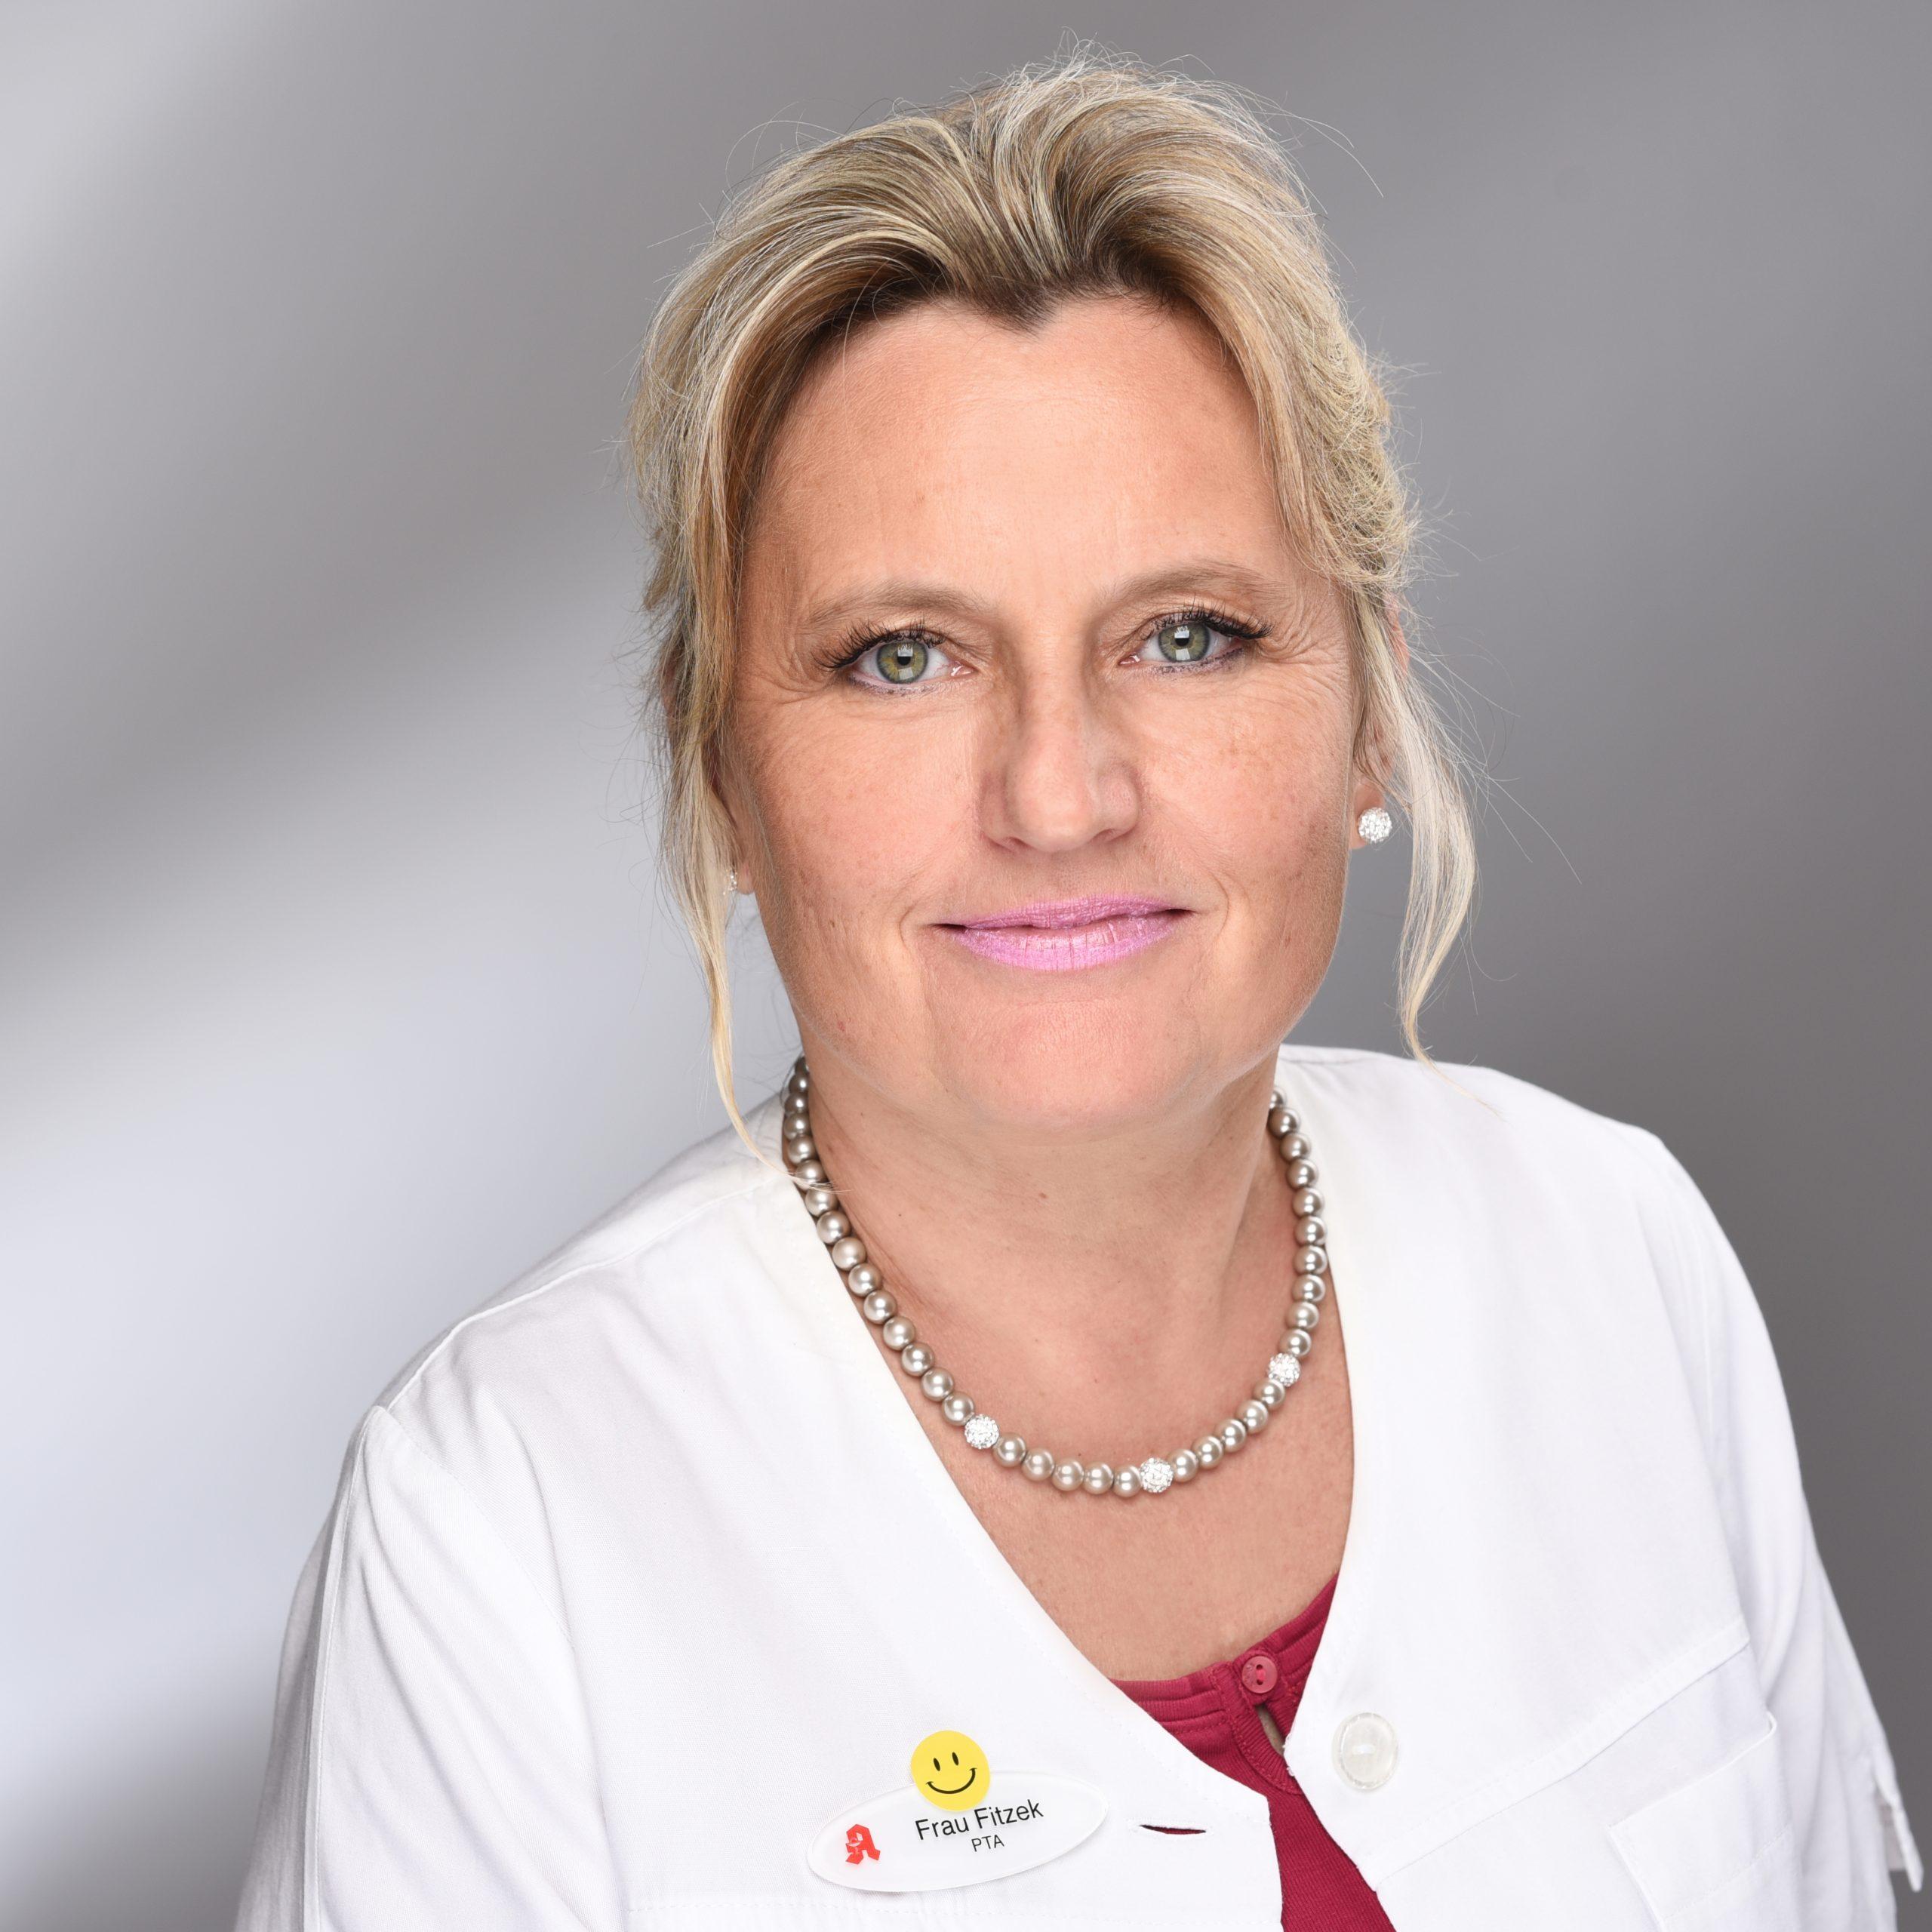 Annette Fitzek